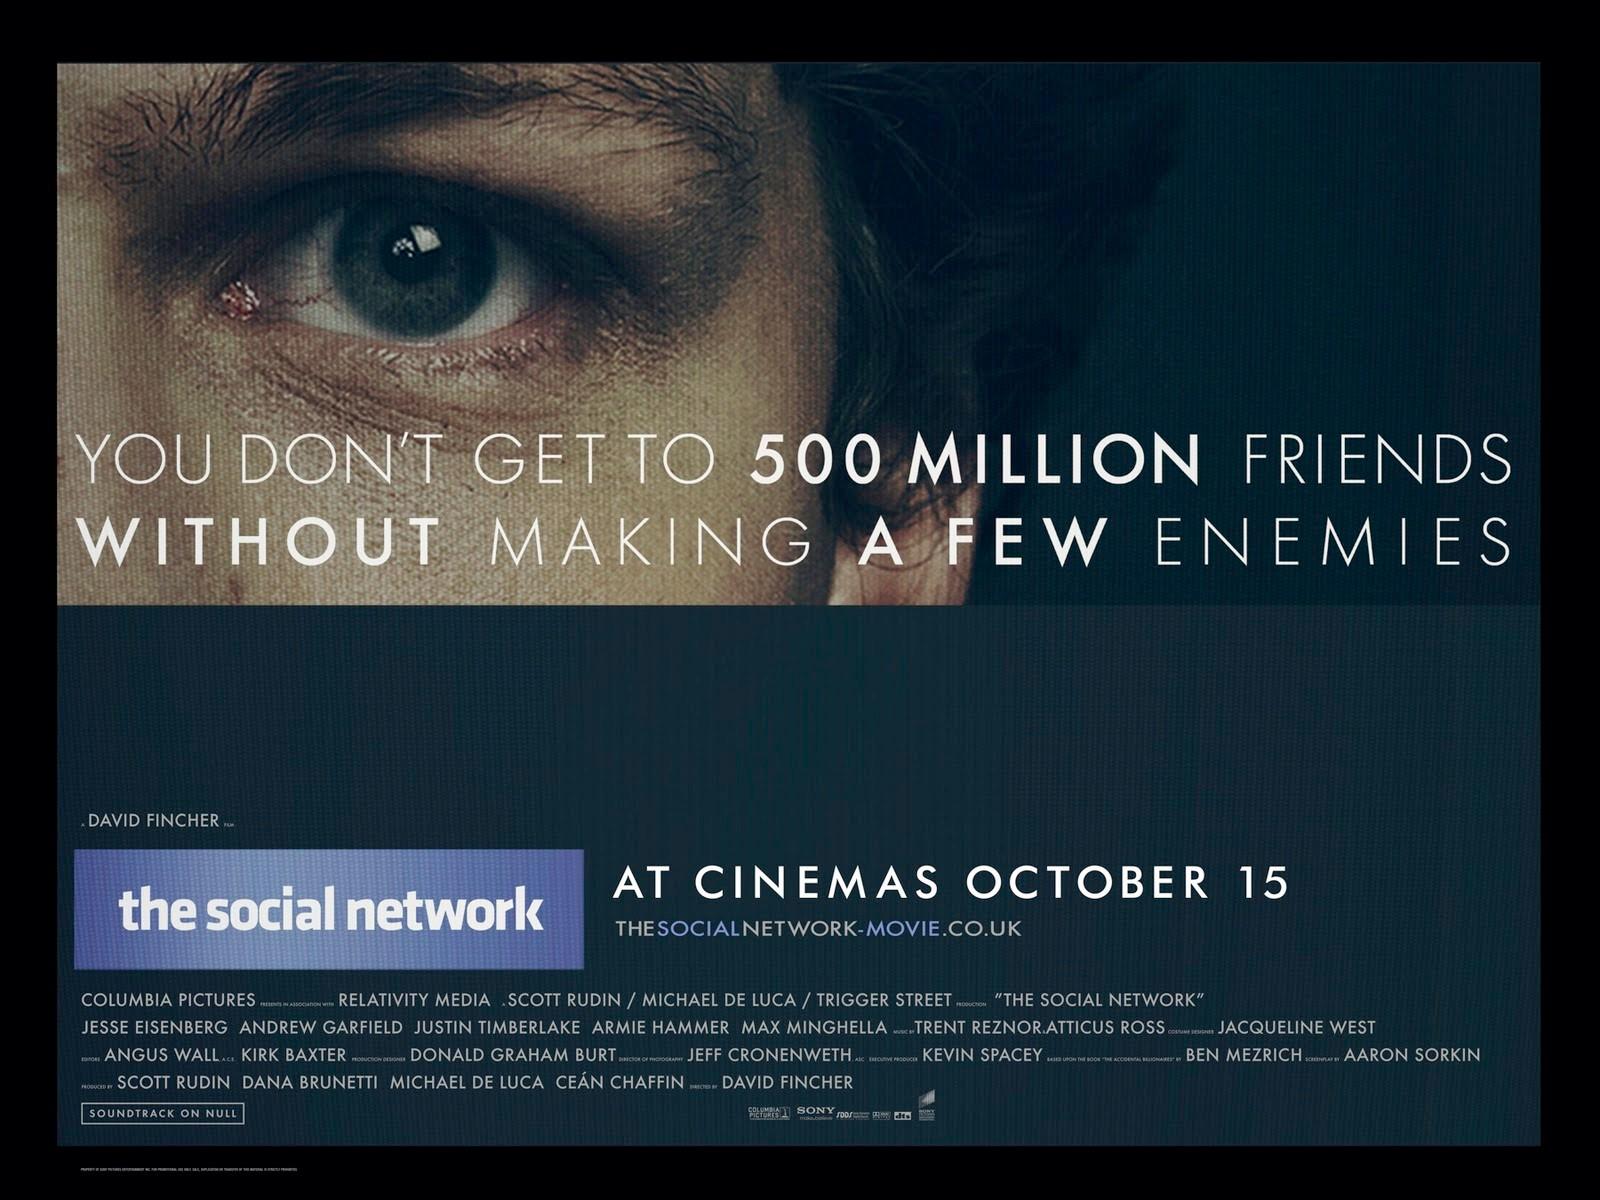 這部電影講述Facebook創辦人Mark Zuckerberg的創業故事。